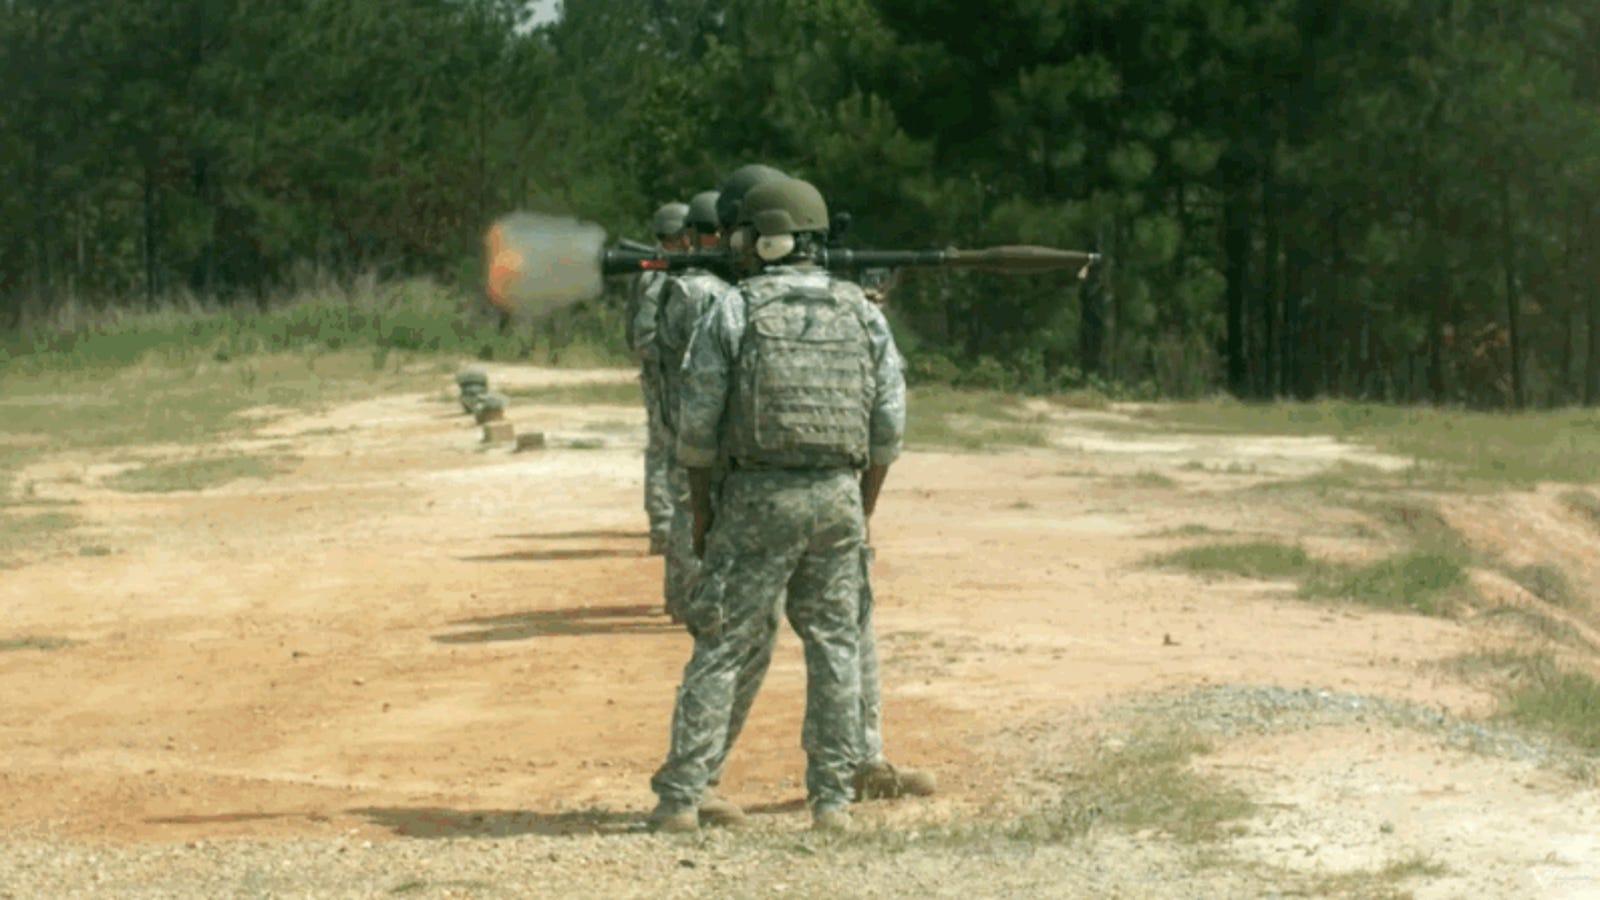 Así se ve el disparo de un lanzacohetes antitanque a cámara superlenta